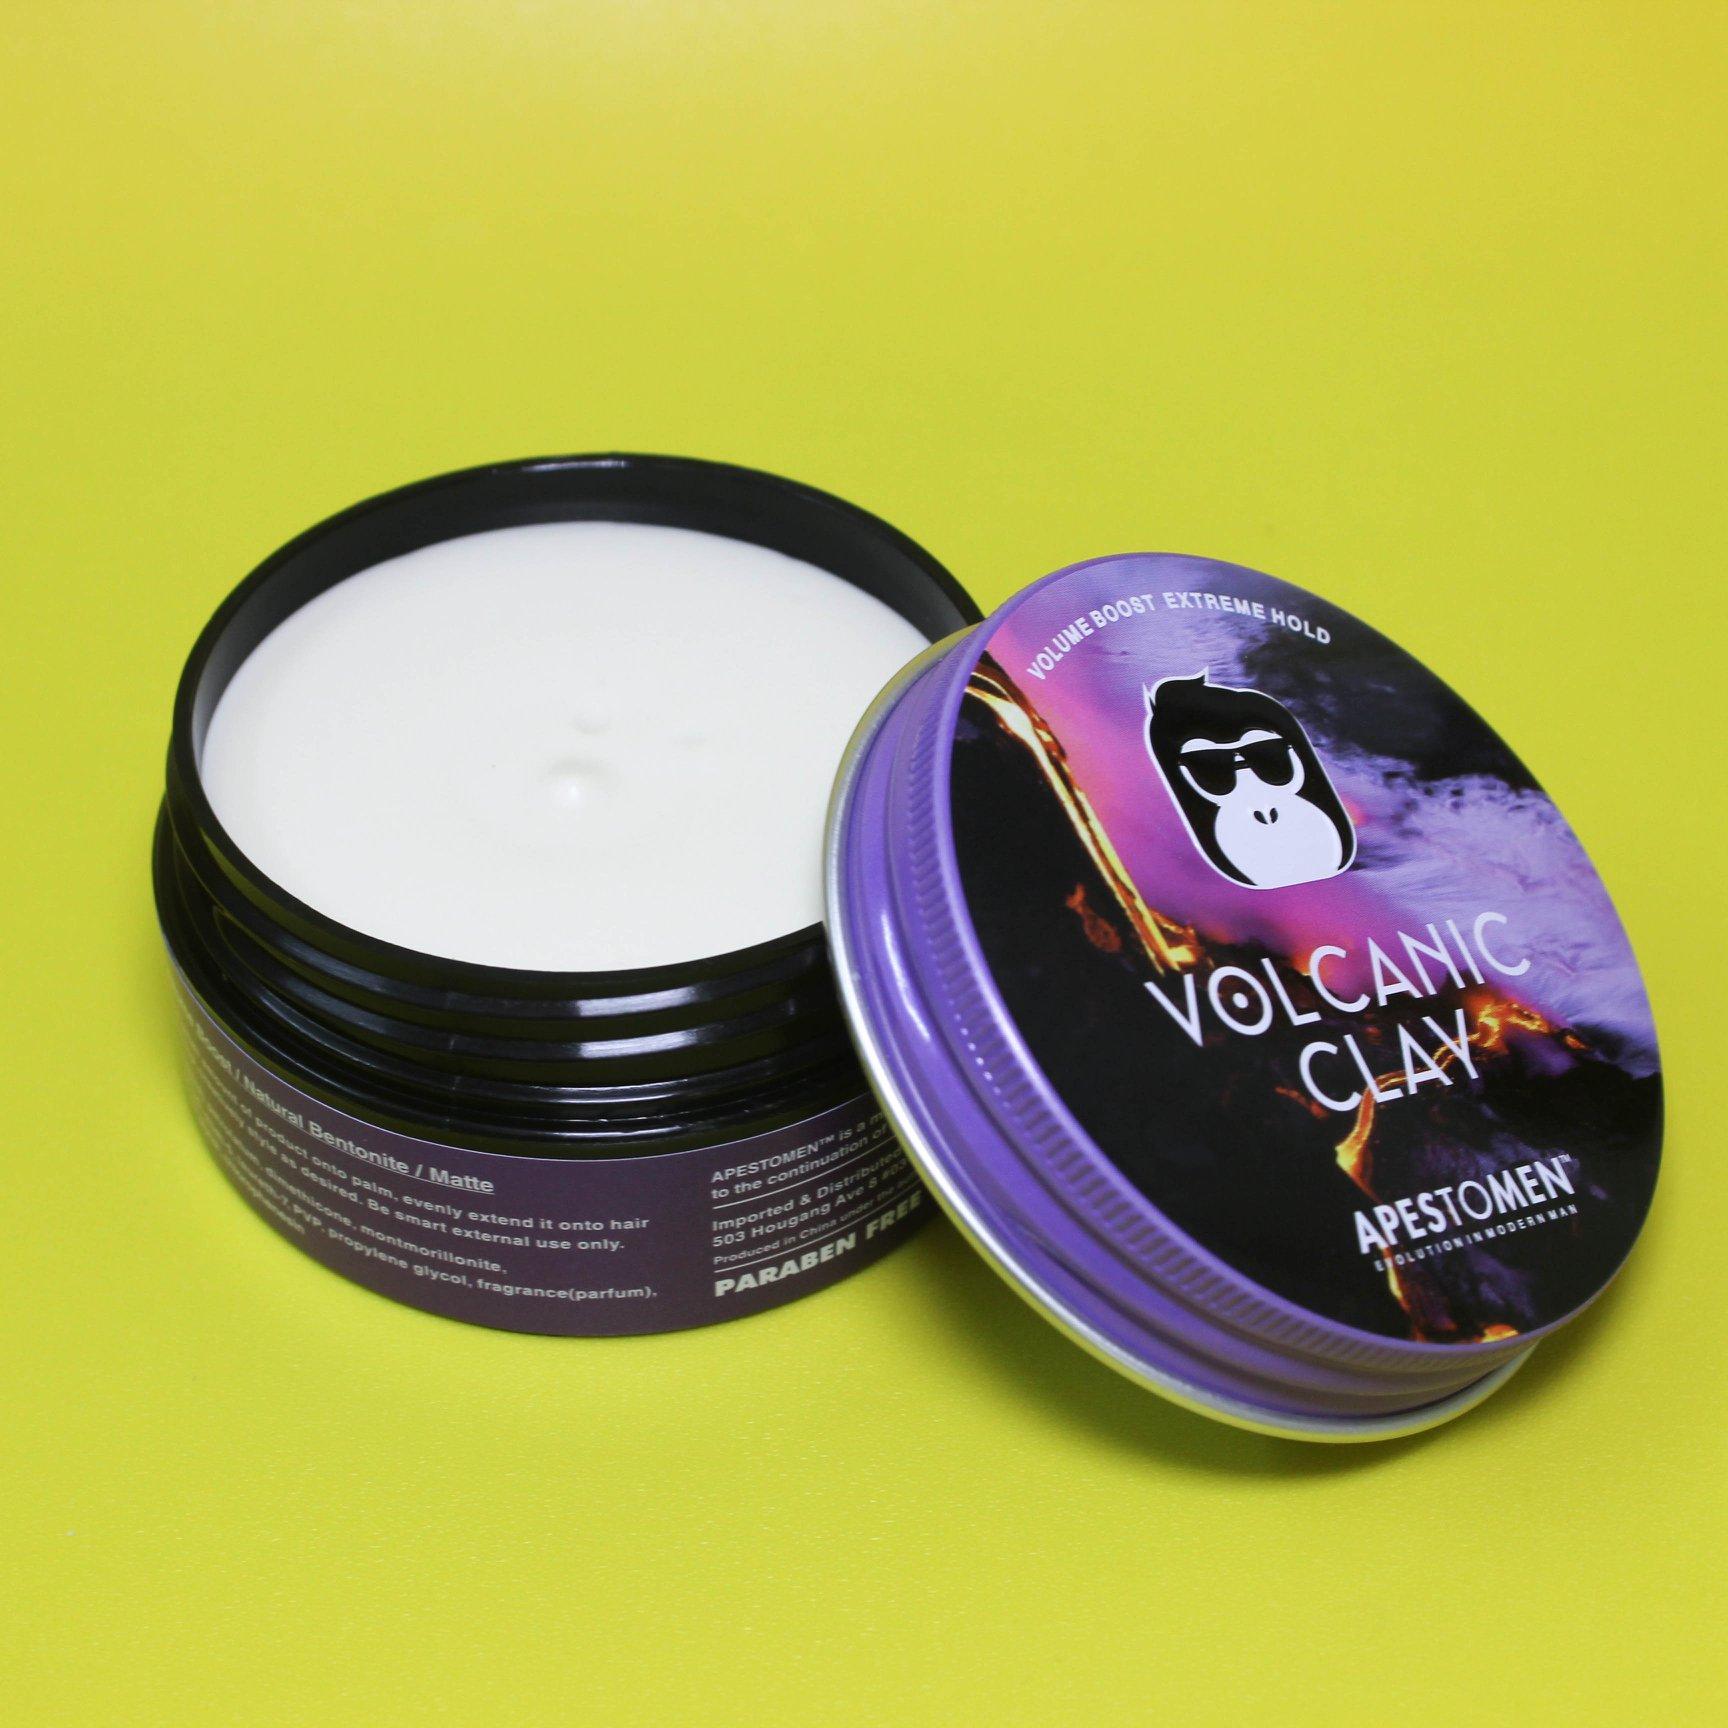 Sáp vuốt tóc Volcanic Clay Apestomen 2018 version 3 bản nắp nhôm